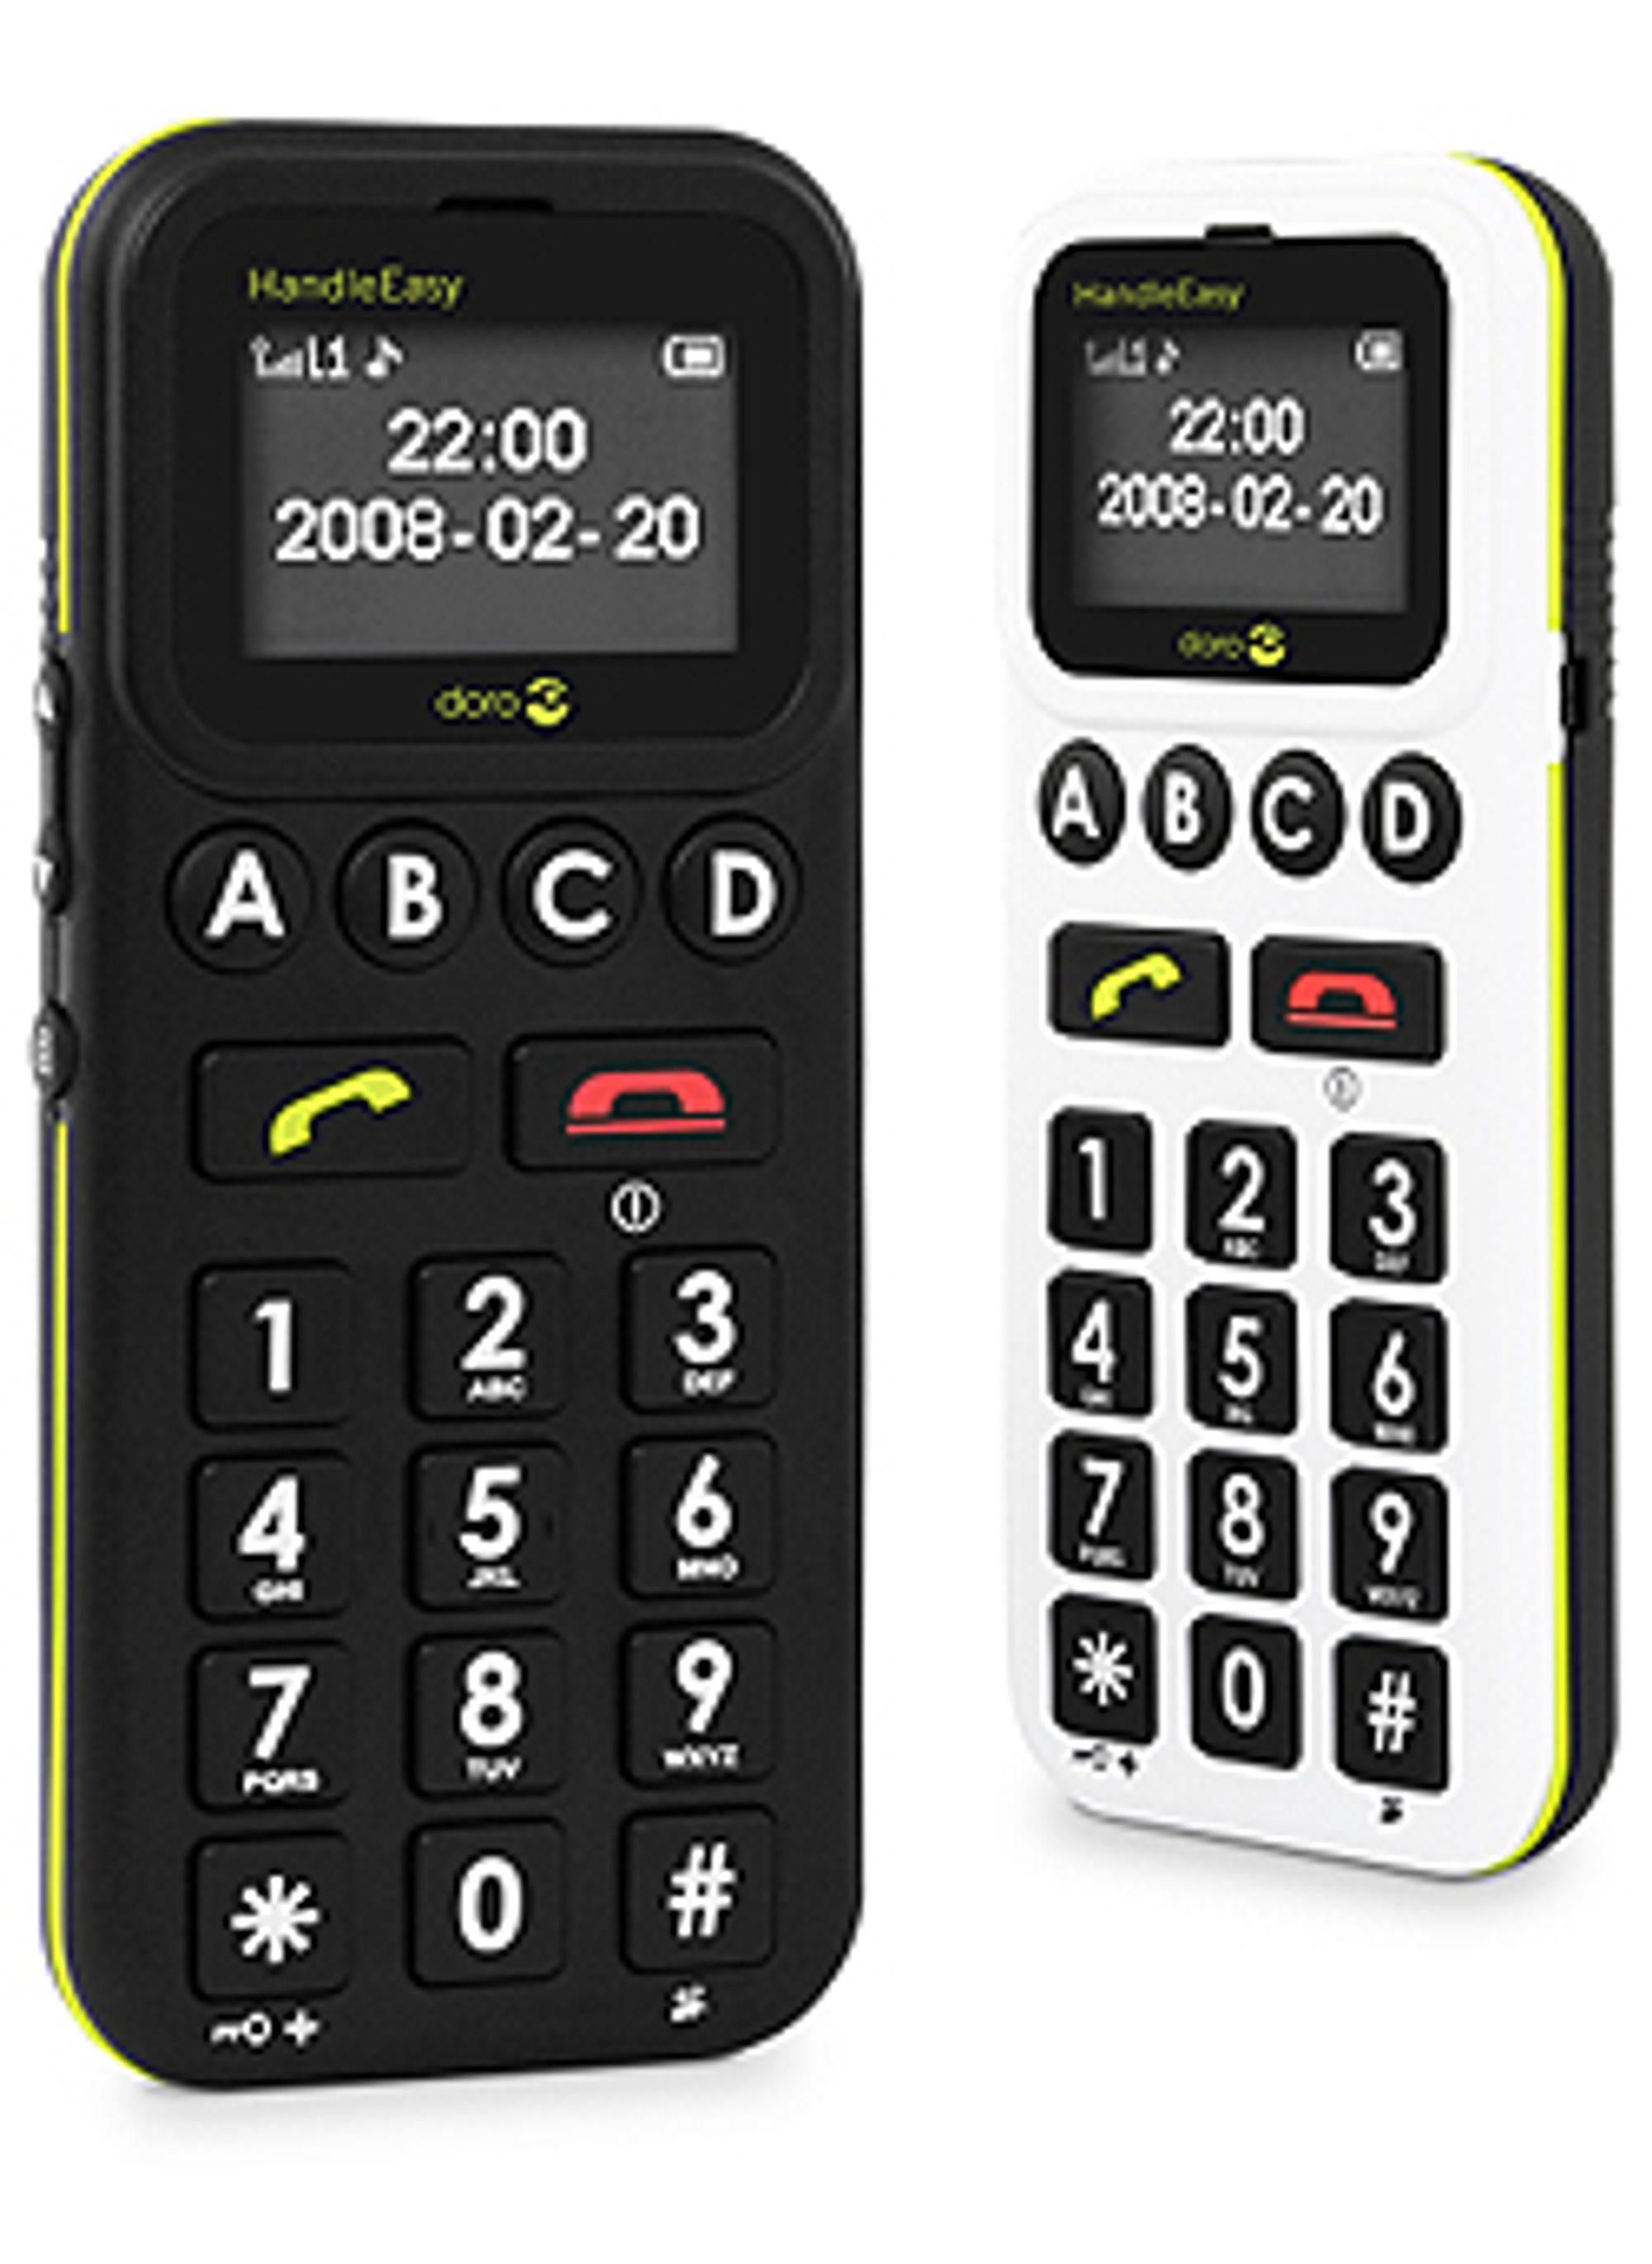 Doro lanserer også en enklere telefon du kan ringe med.